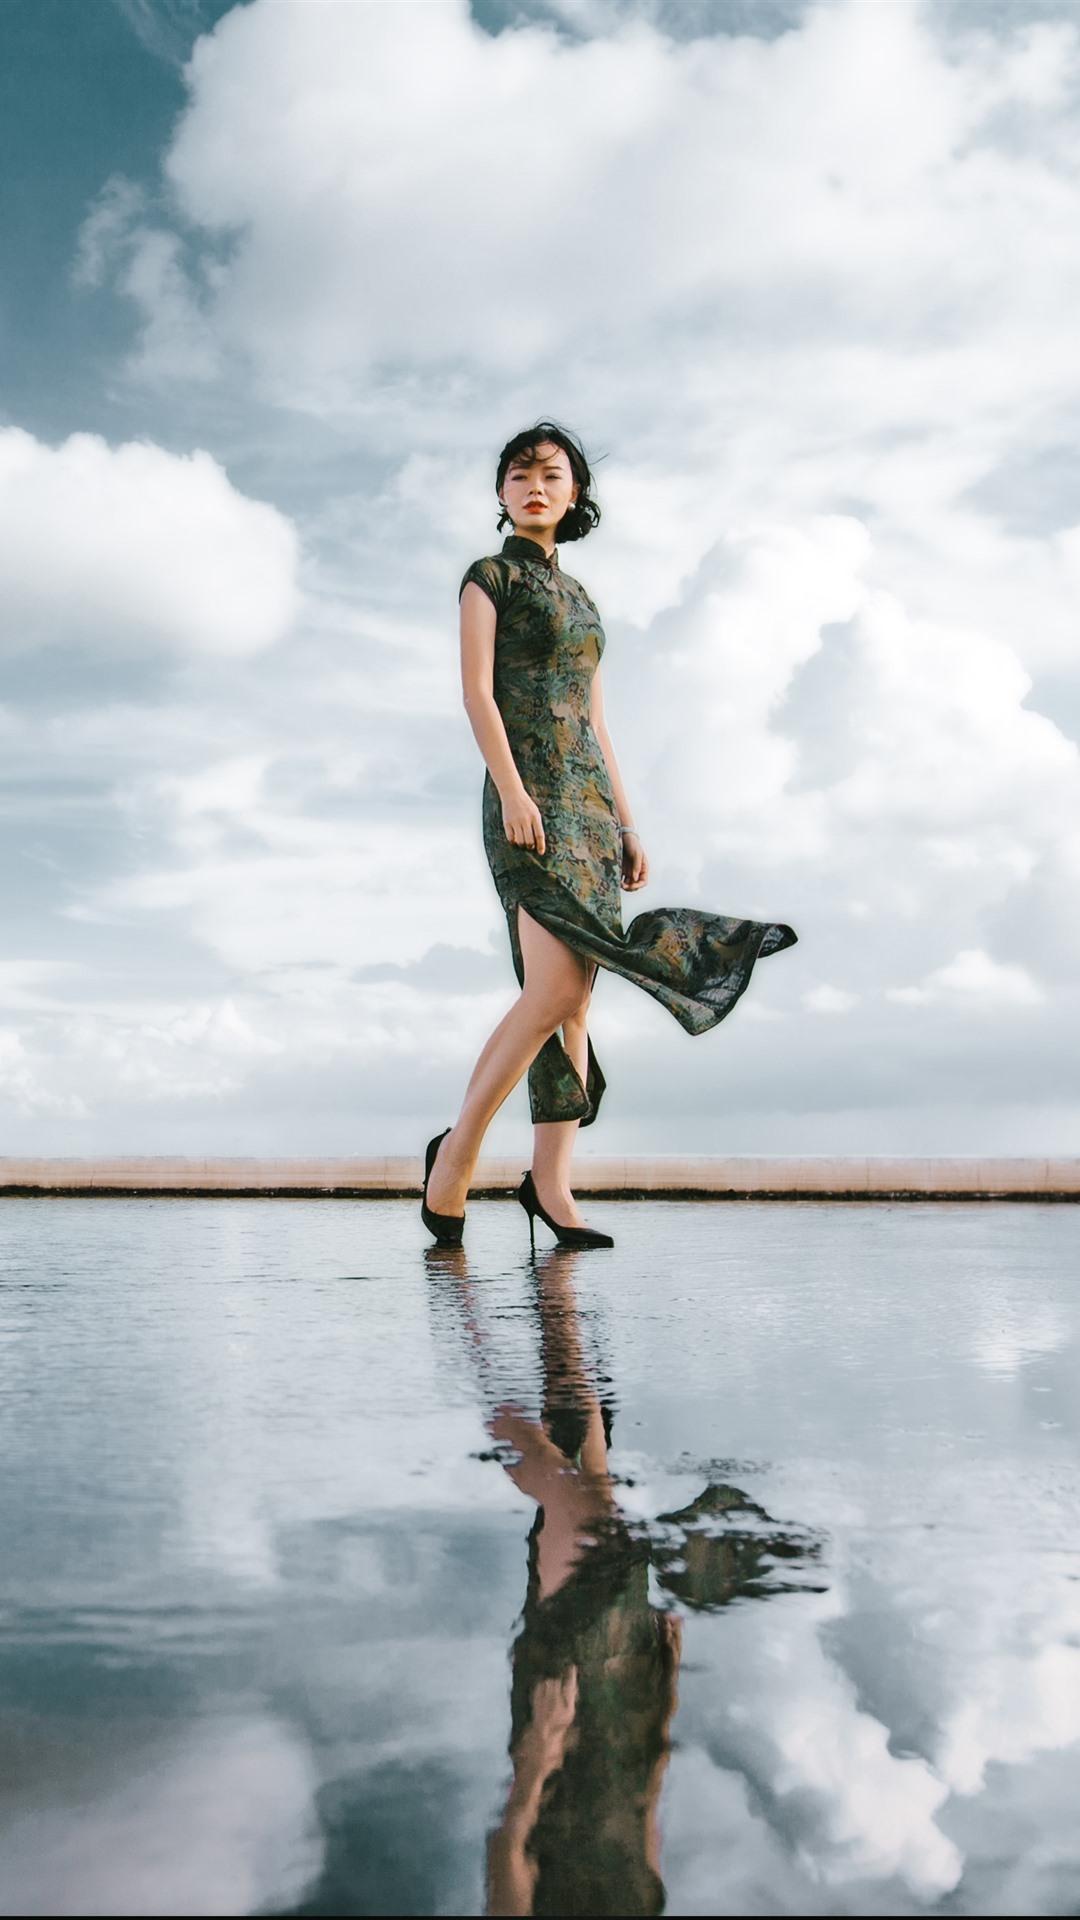 壁紙 チャイナドレスの女性 水の反射 空 雲 3840x2160 Uhd 4k 無料のデスクトップの背景 画像